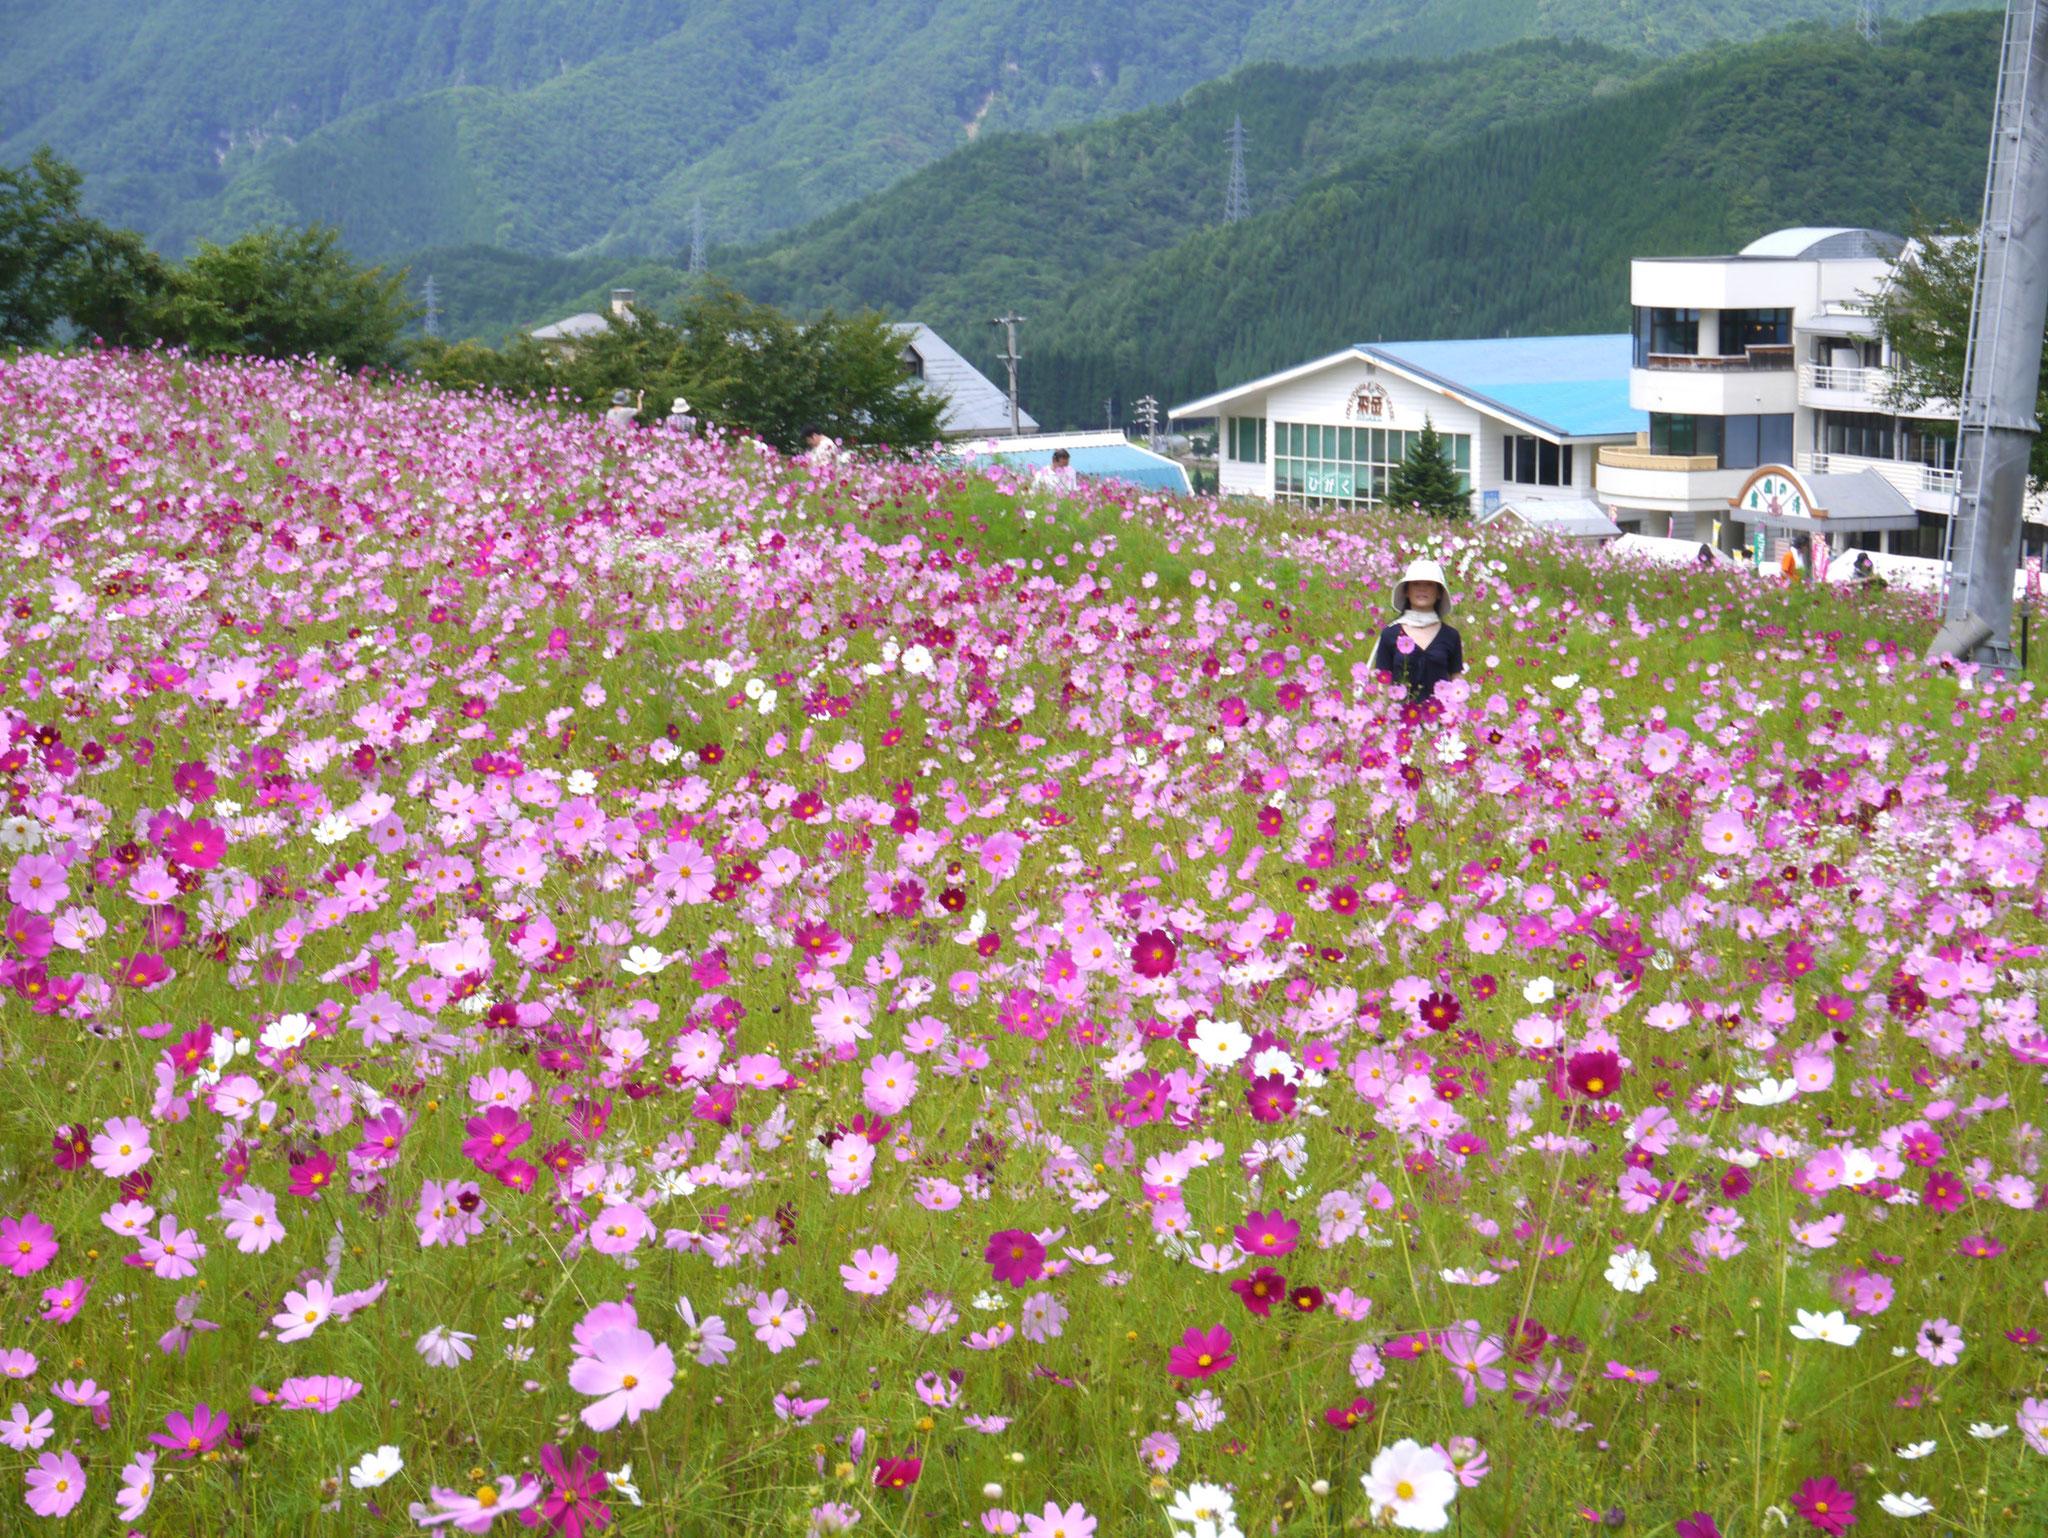 朴の木コスモスまつり(丹生川町)